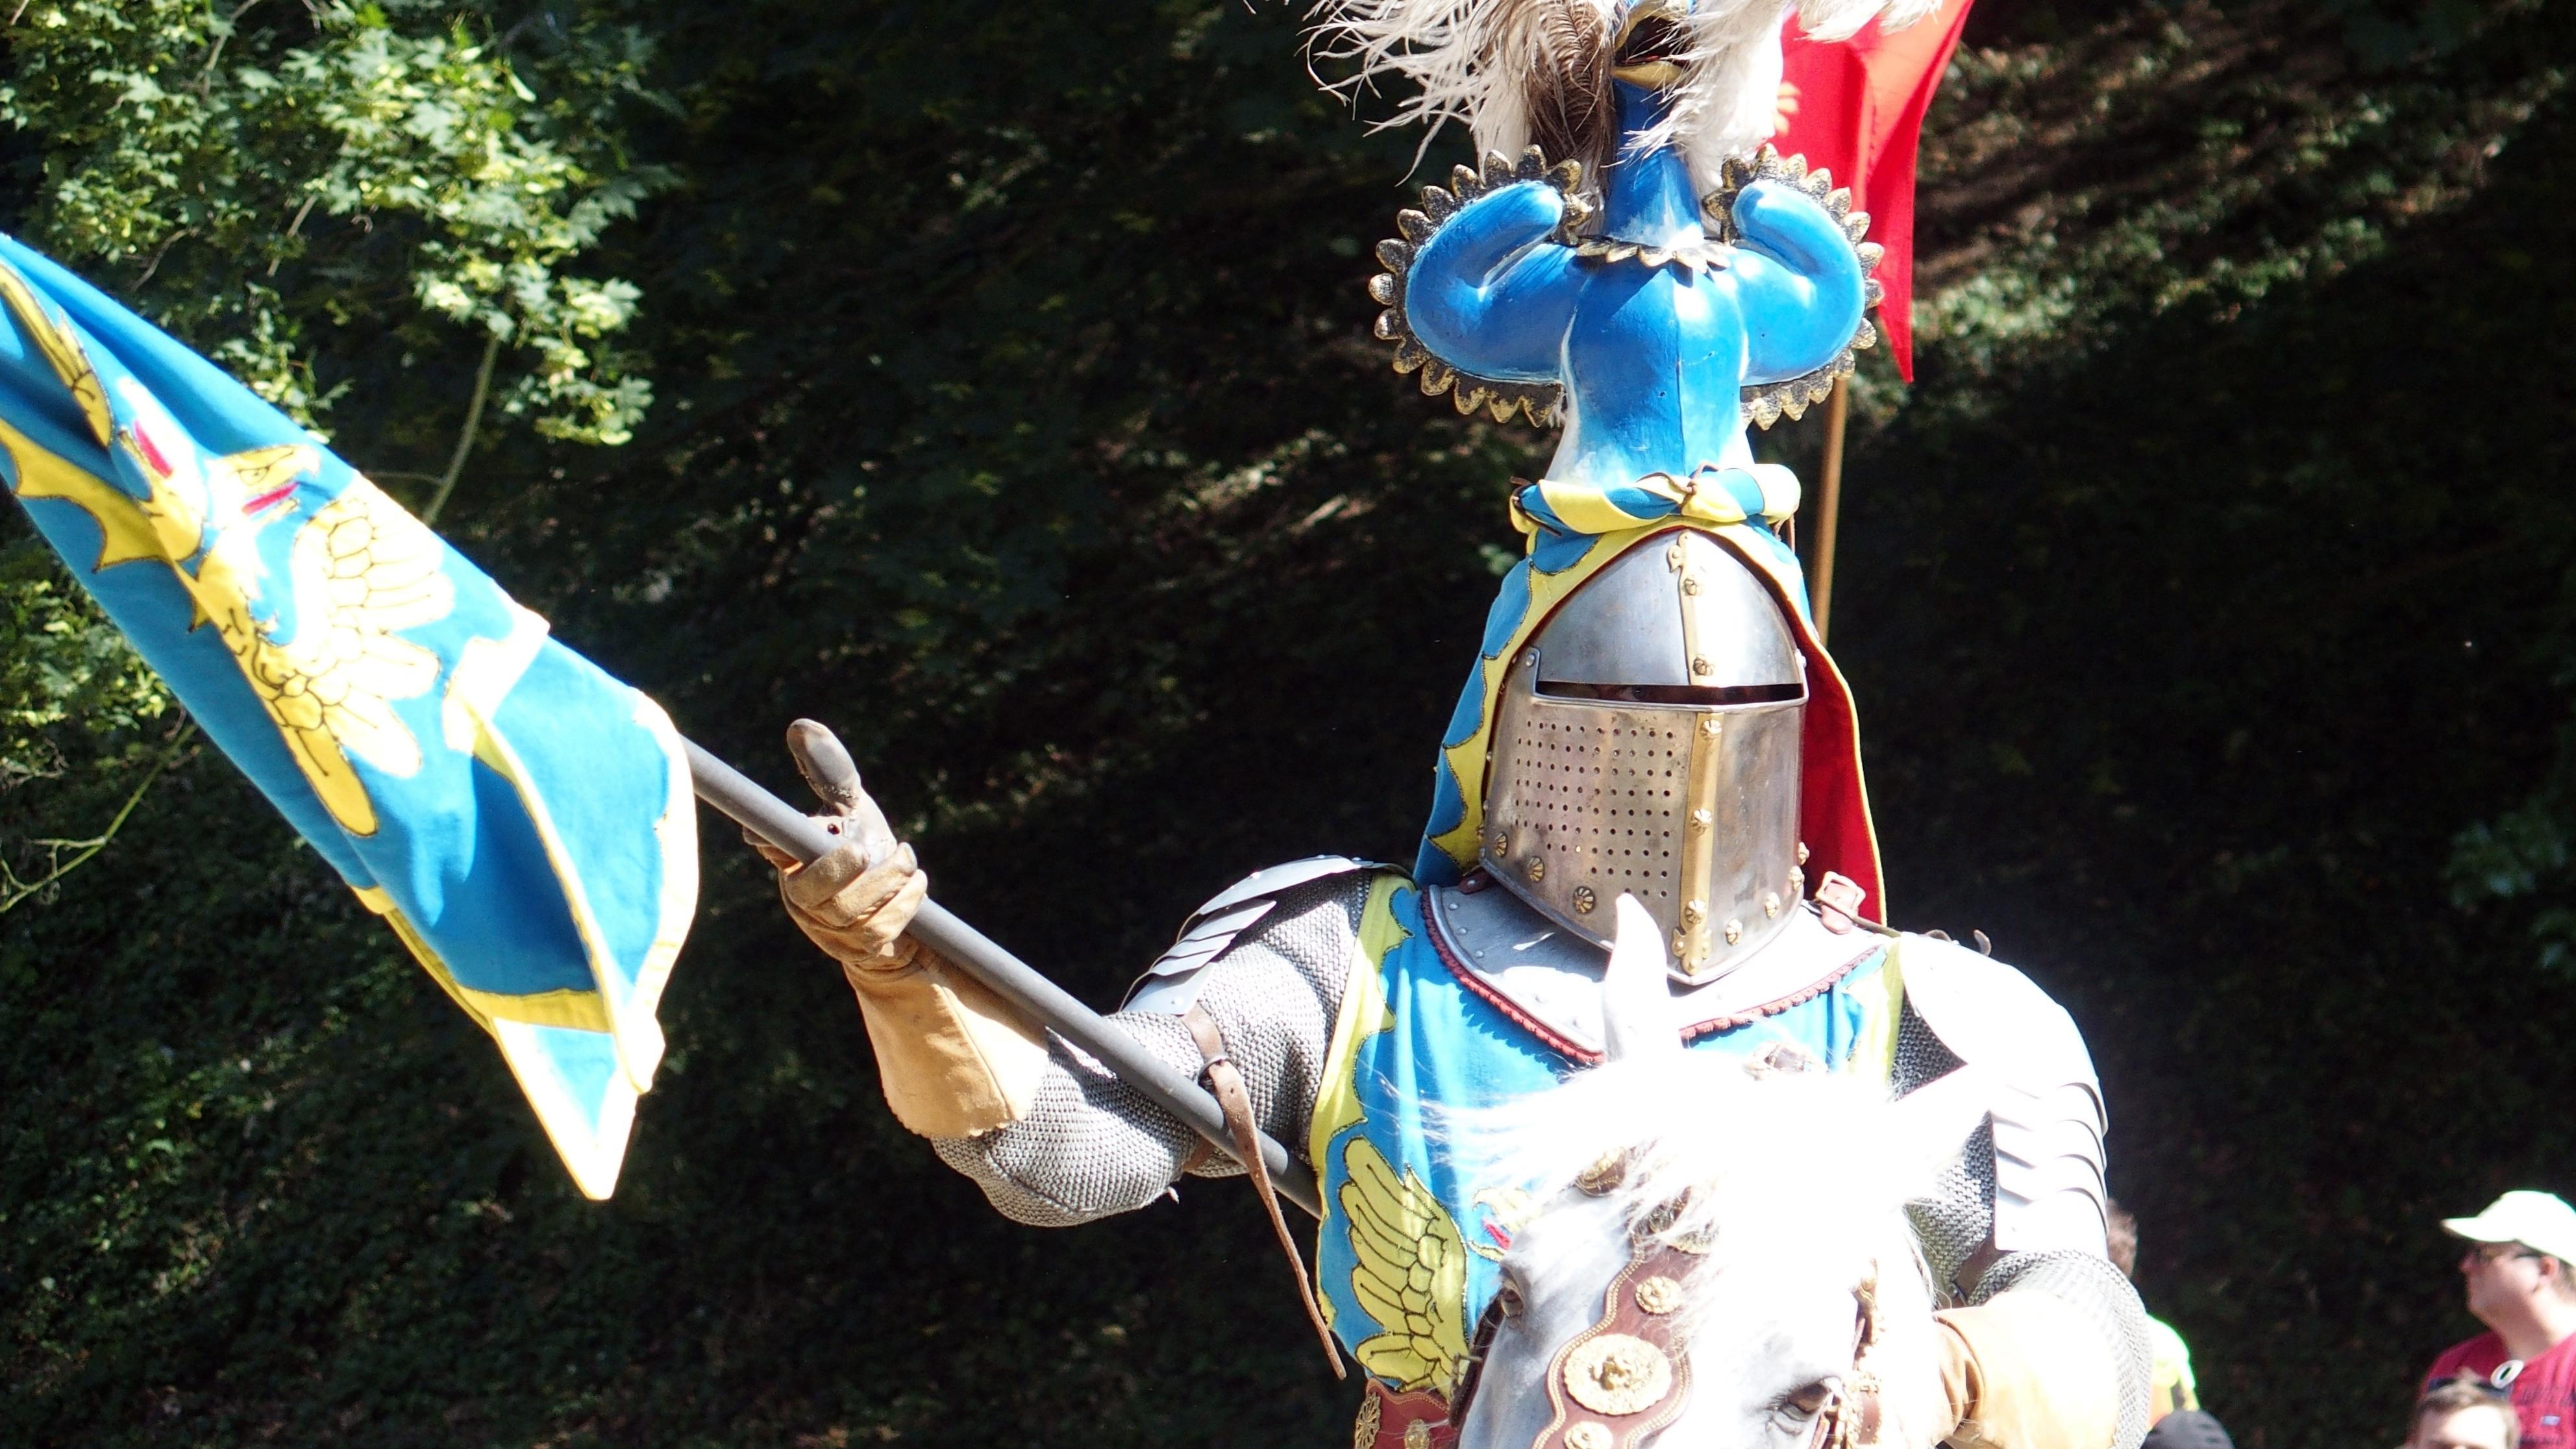 Kostenlose foto  Pferde Festival Ritter Kostm Turnier